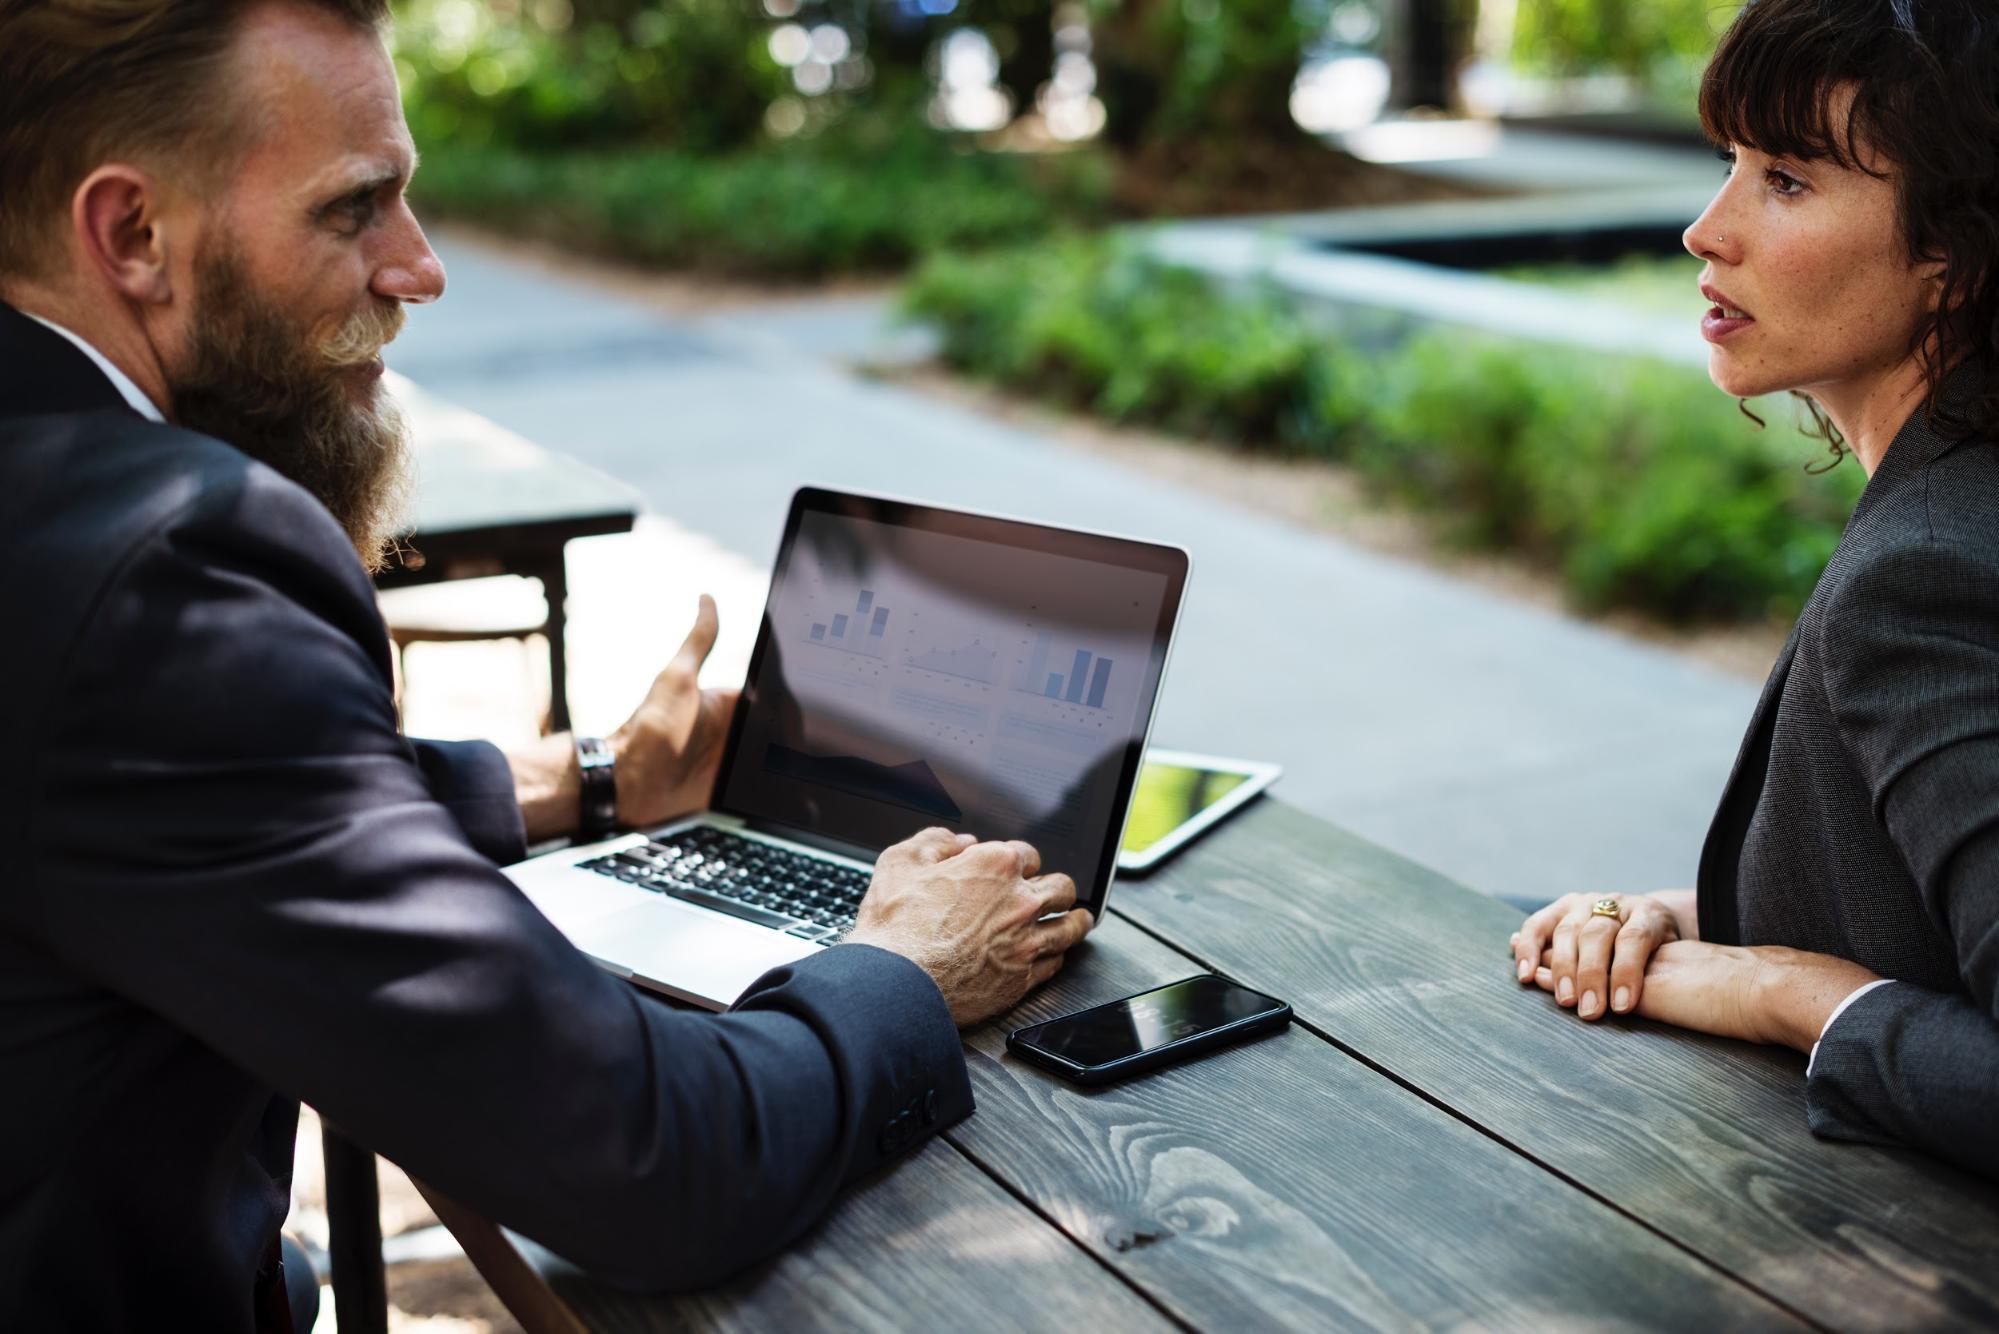 Professionals discussing a retail manager résumé